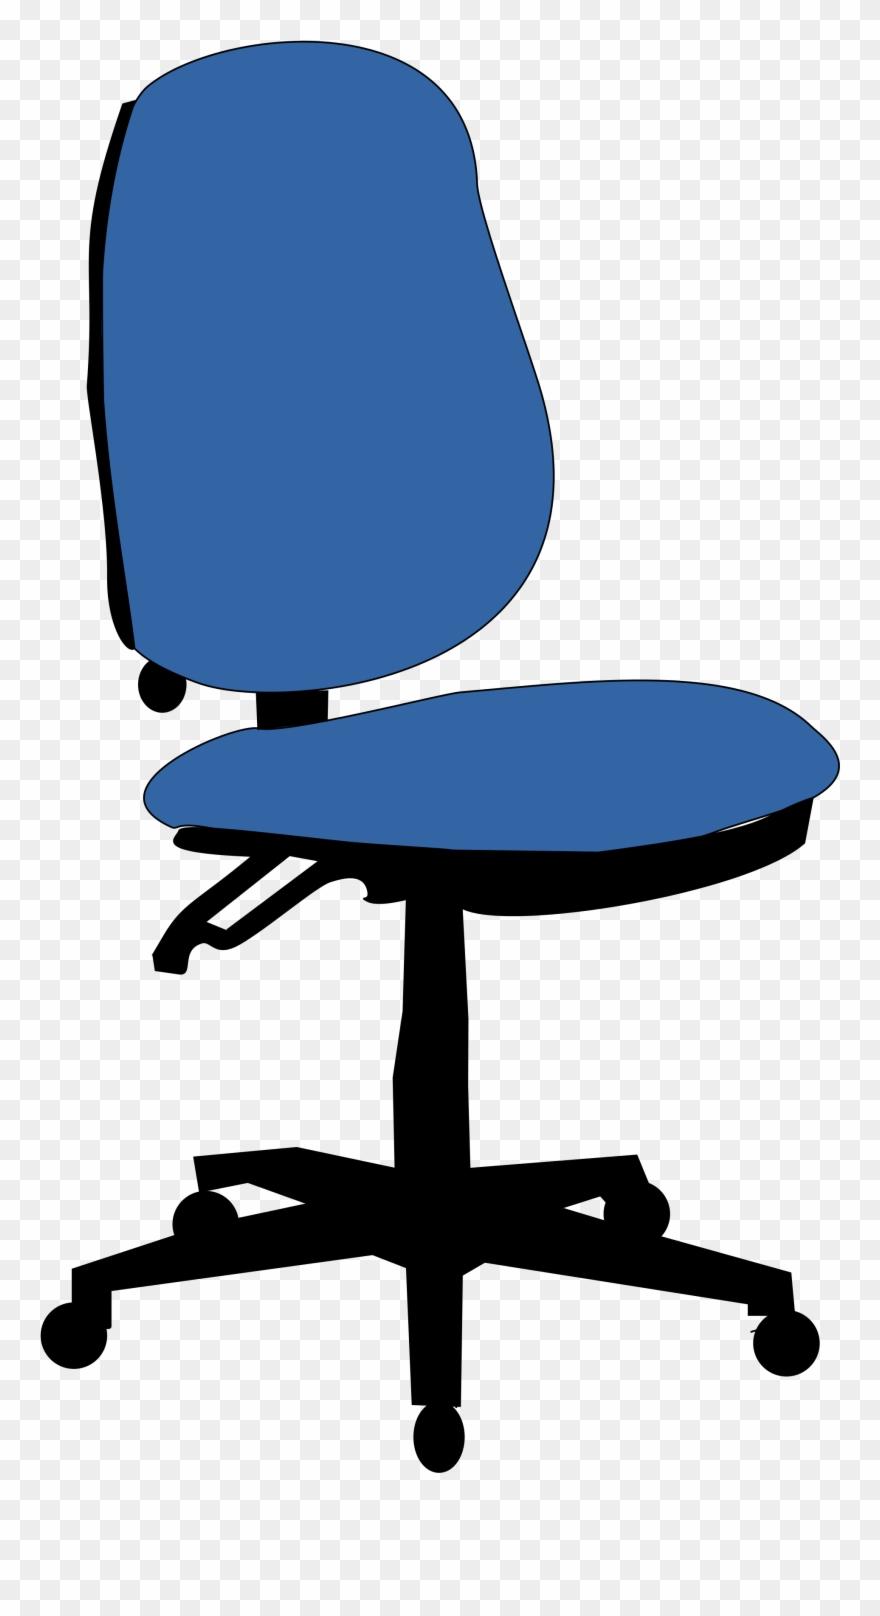 Teacher Chair Clip Art Free Cliparts Rh P2p2p2 Com - Blue Chair ... banner library